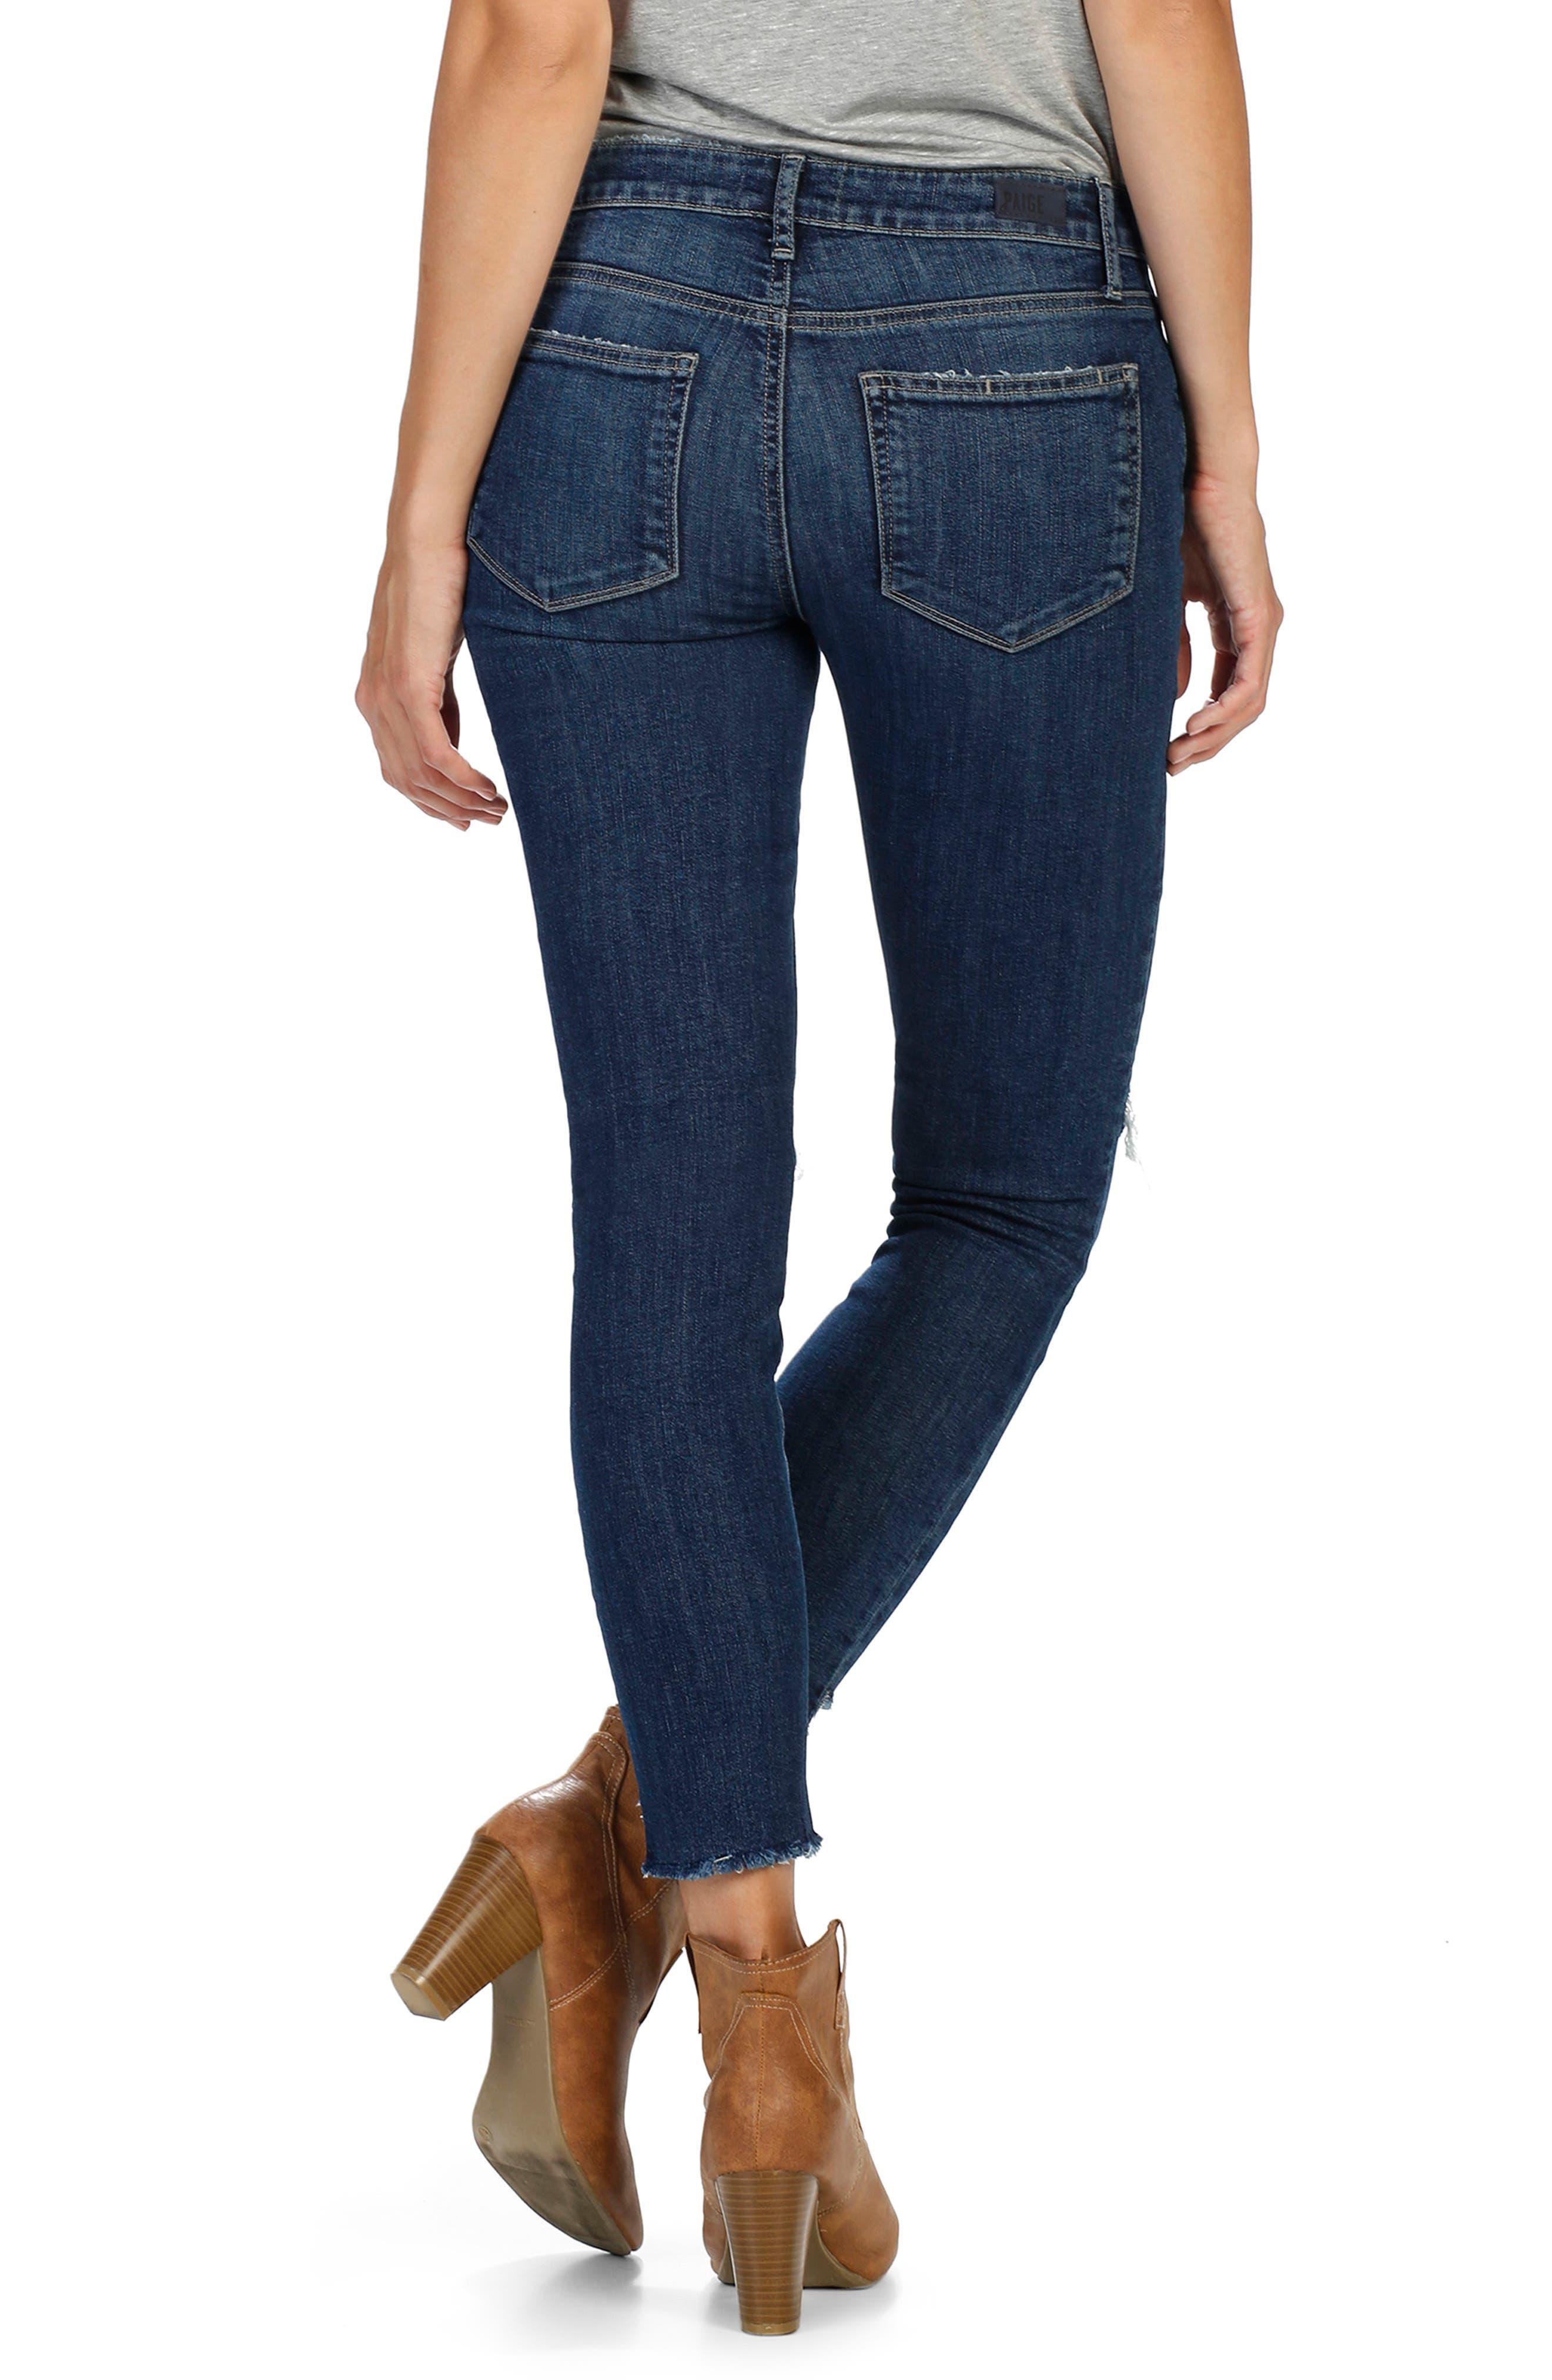 Alternate Image 2  - PAIGE Verdugo Step Hem Ankle Skinny Jeans (Dede Destructed)  (Nordstrom Exclusive)